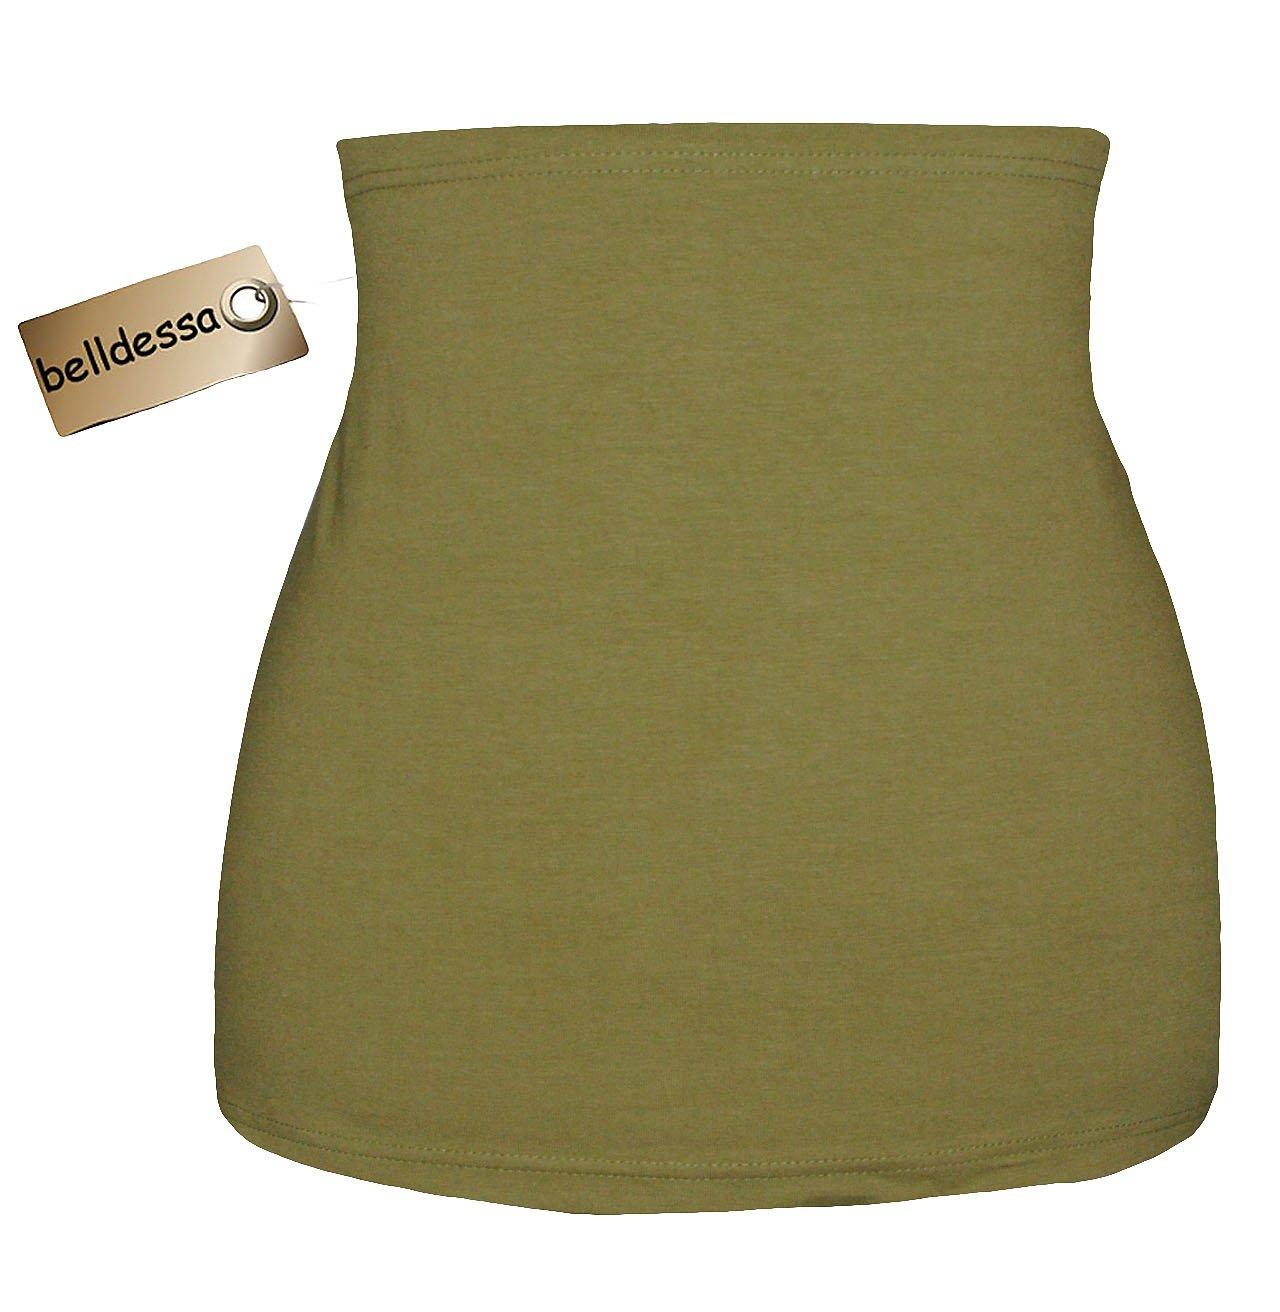 Jersey Baumwolle - oliv grun - Nierenwärmer / Rückenwärmer / Bauchwärmer / Shirt Verlängerer - Größe: Damen Frauen L - ideal auch für Blasenentzündung und Hexenschuss / Rückenschmerzen / Menstruationsbeschwerden